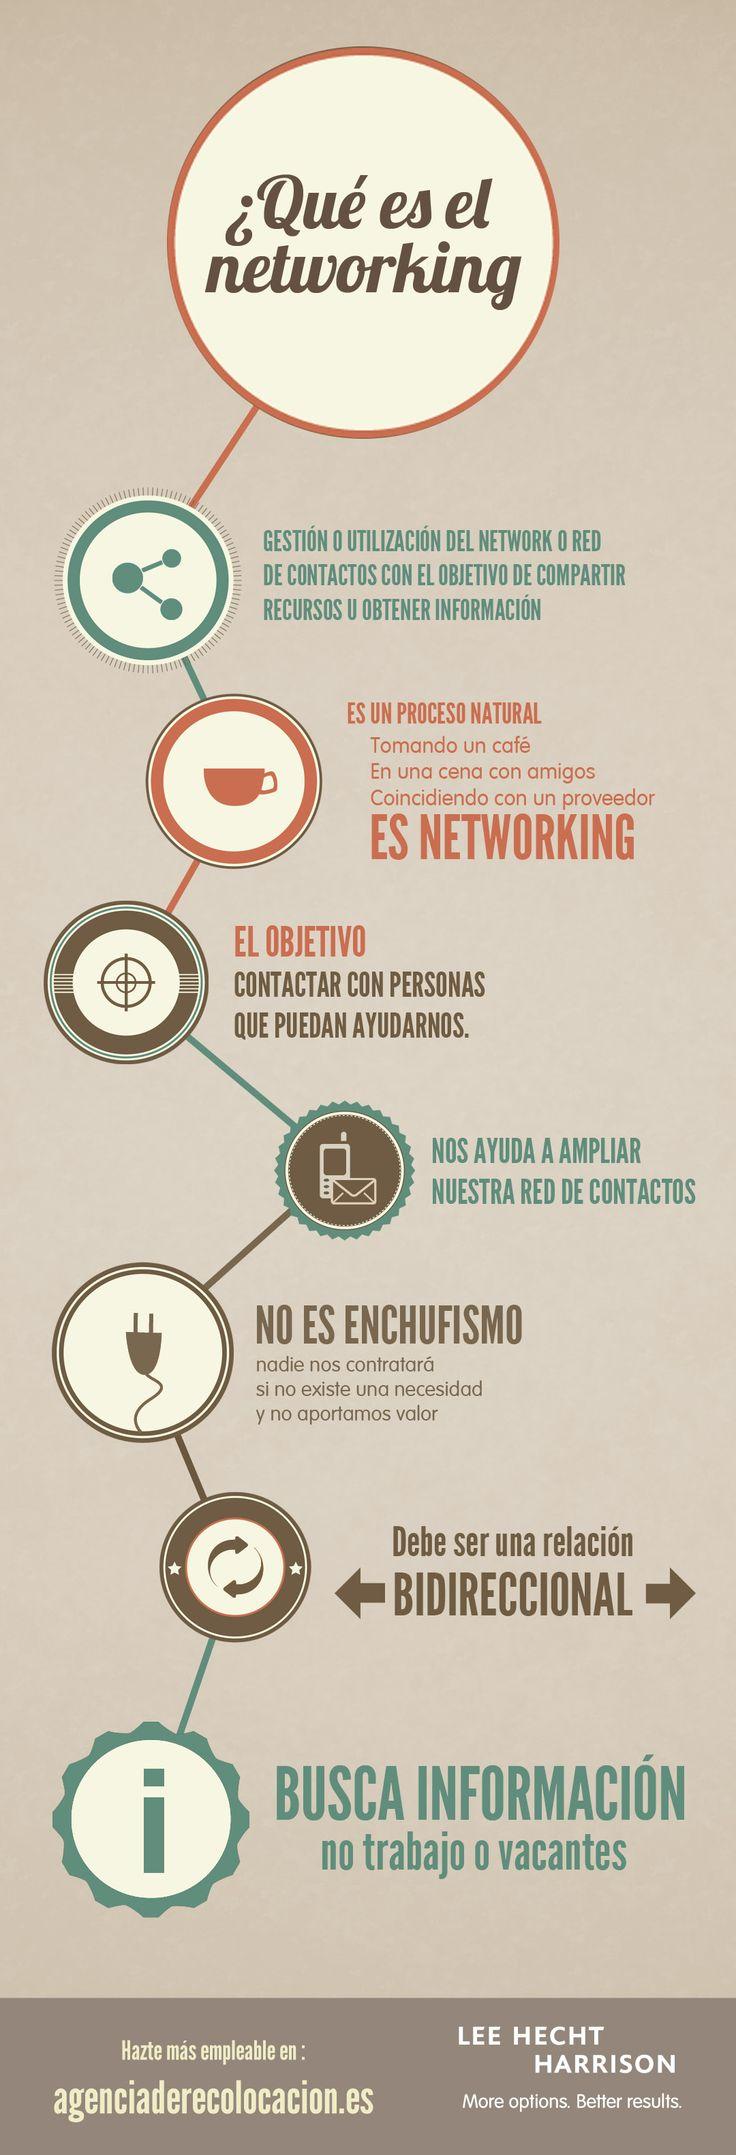 Qué es el networking #prixline #Trabajo